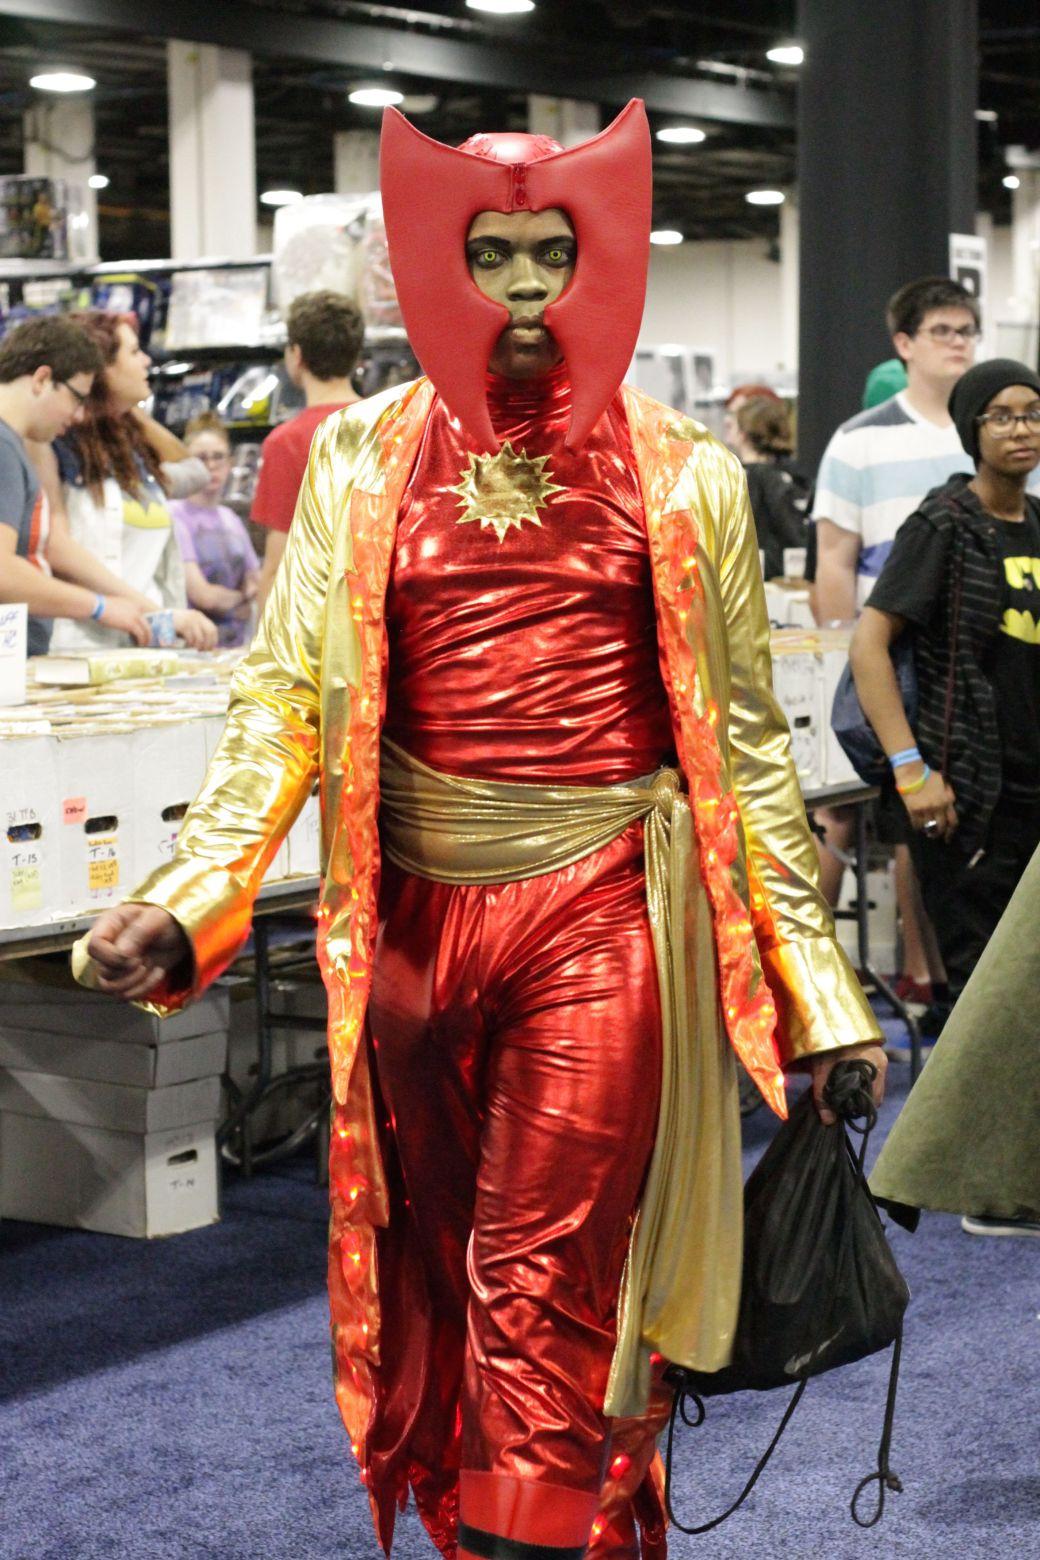 boston comic con august 8 costumes 30